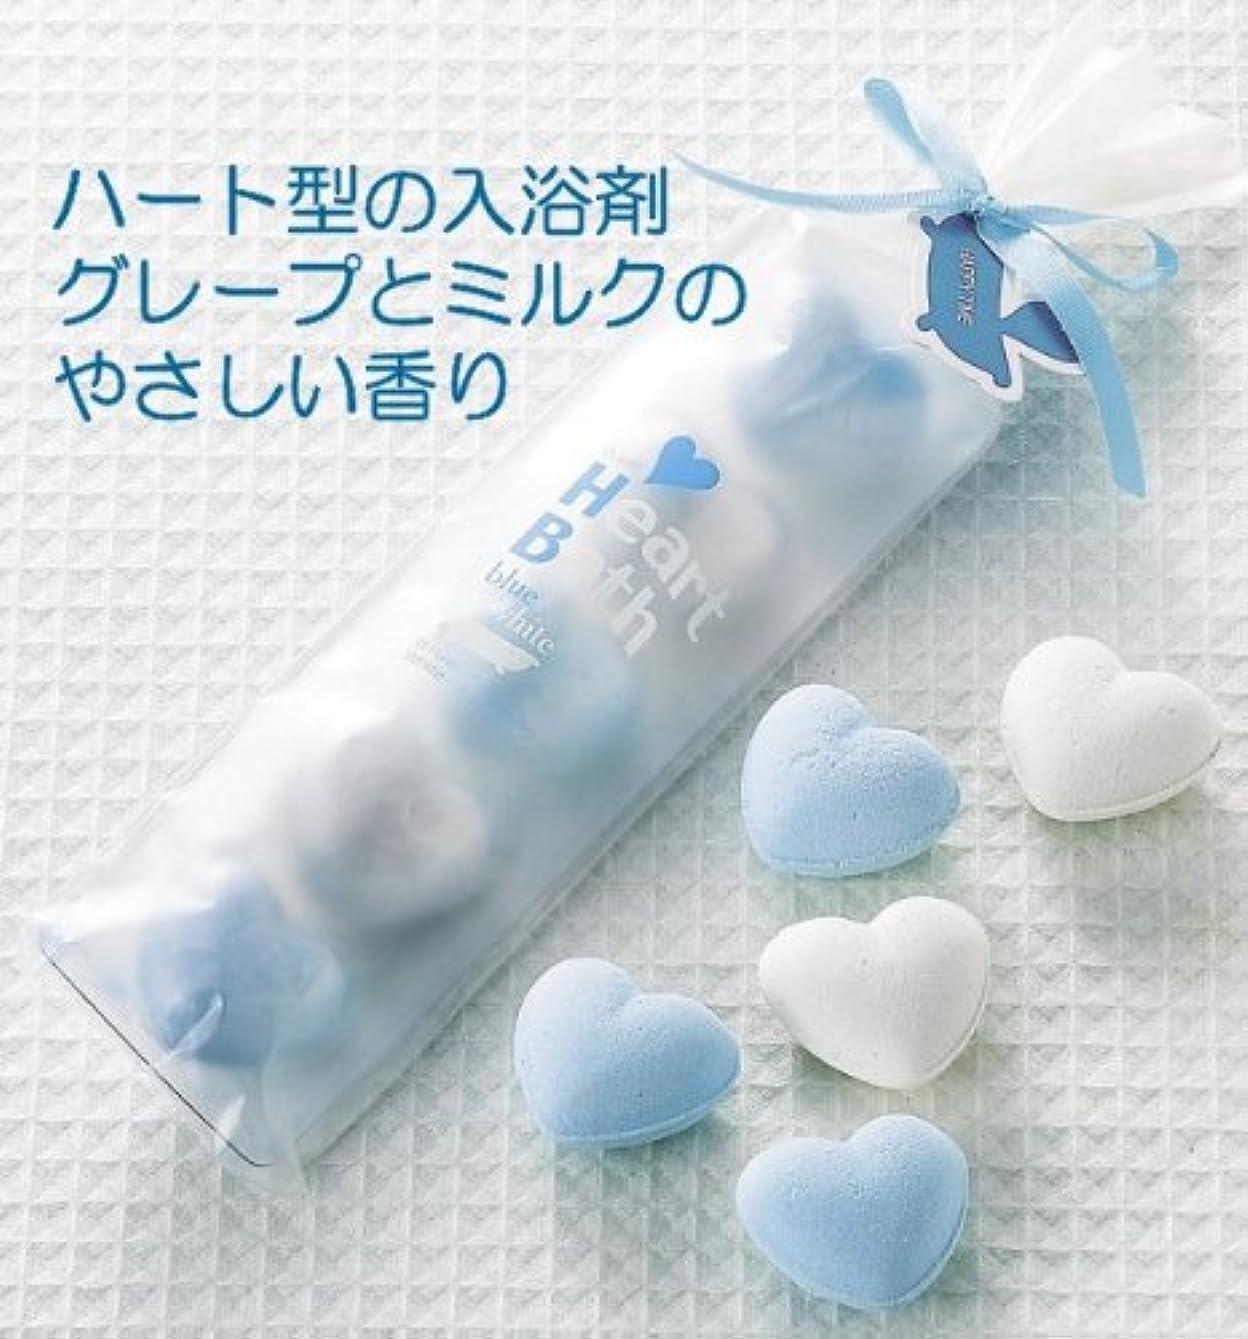 アプローチまろやかな心配ハート型の入浴剤 グレープ&ミルク